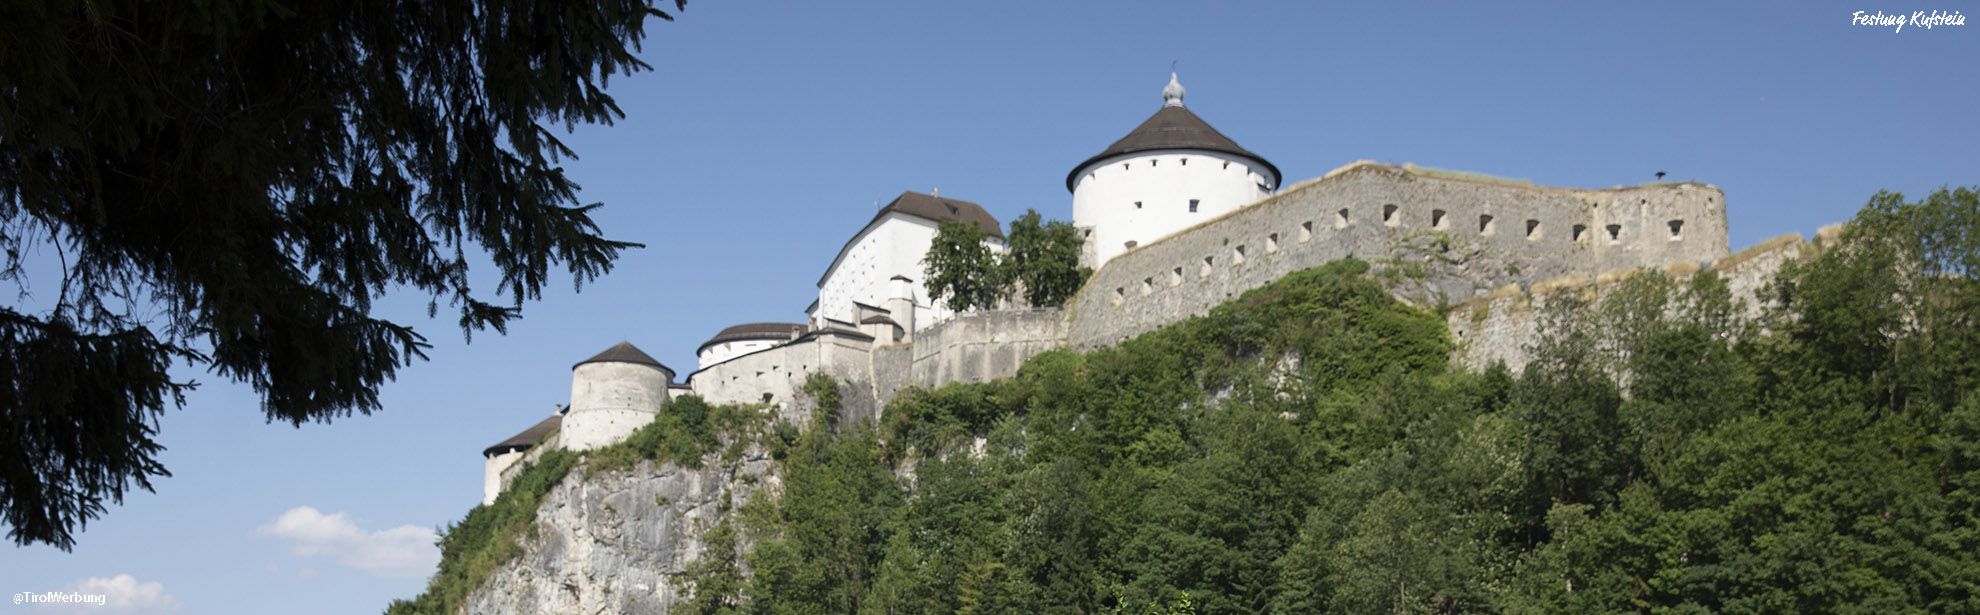 OTirolWerbung_Festung-Kufstein_1226665